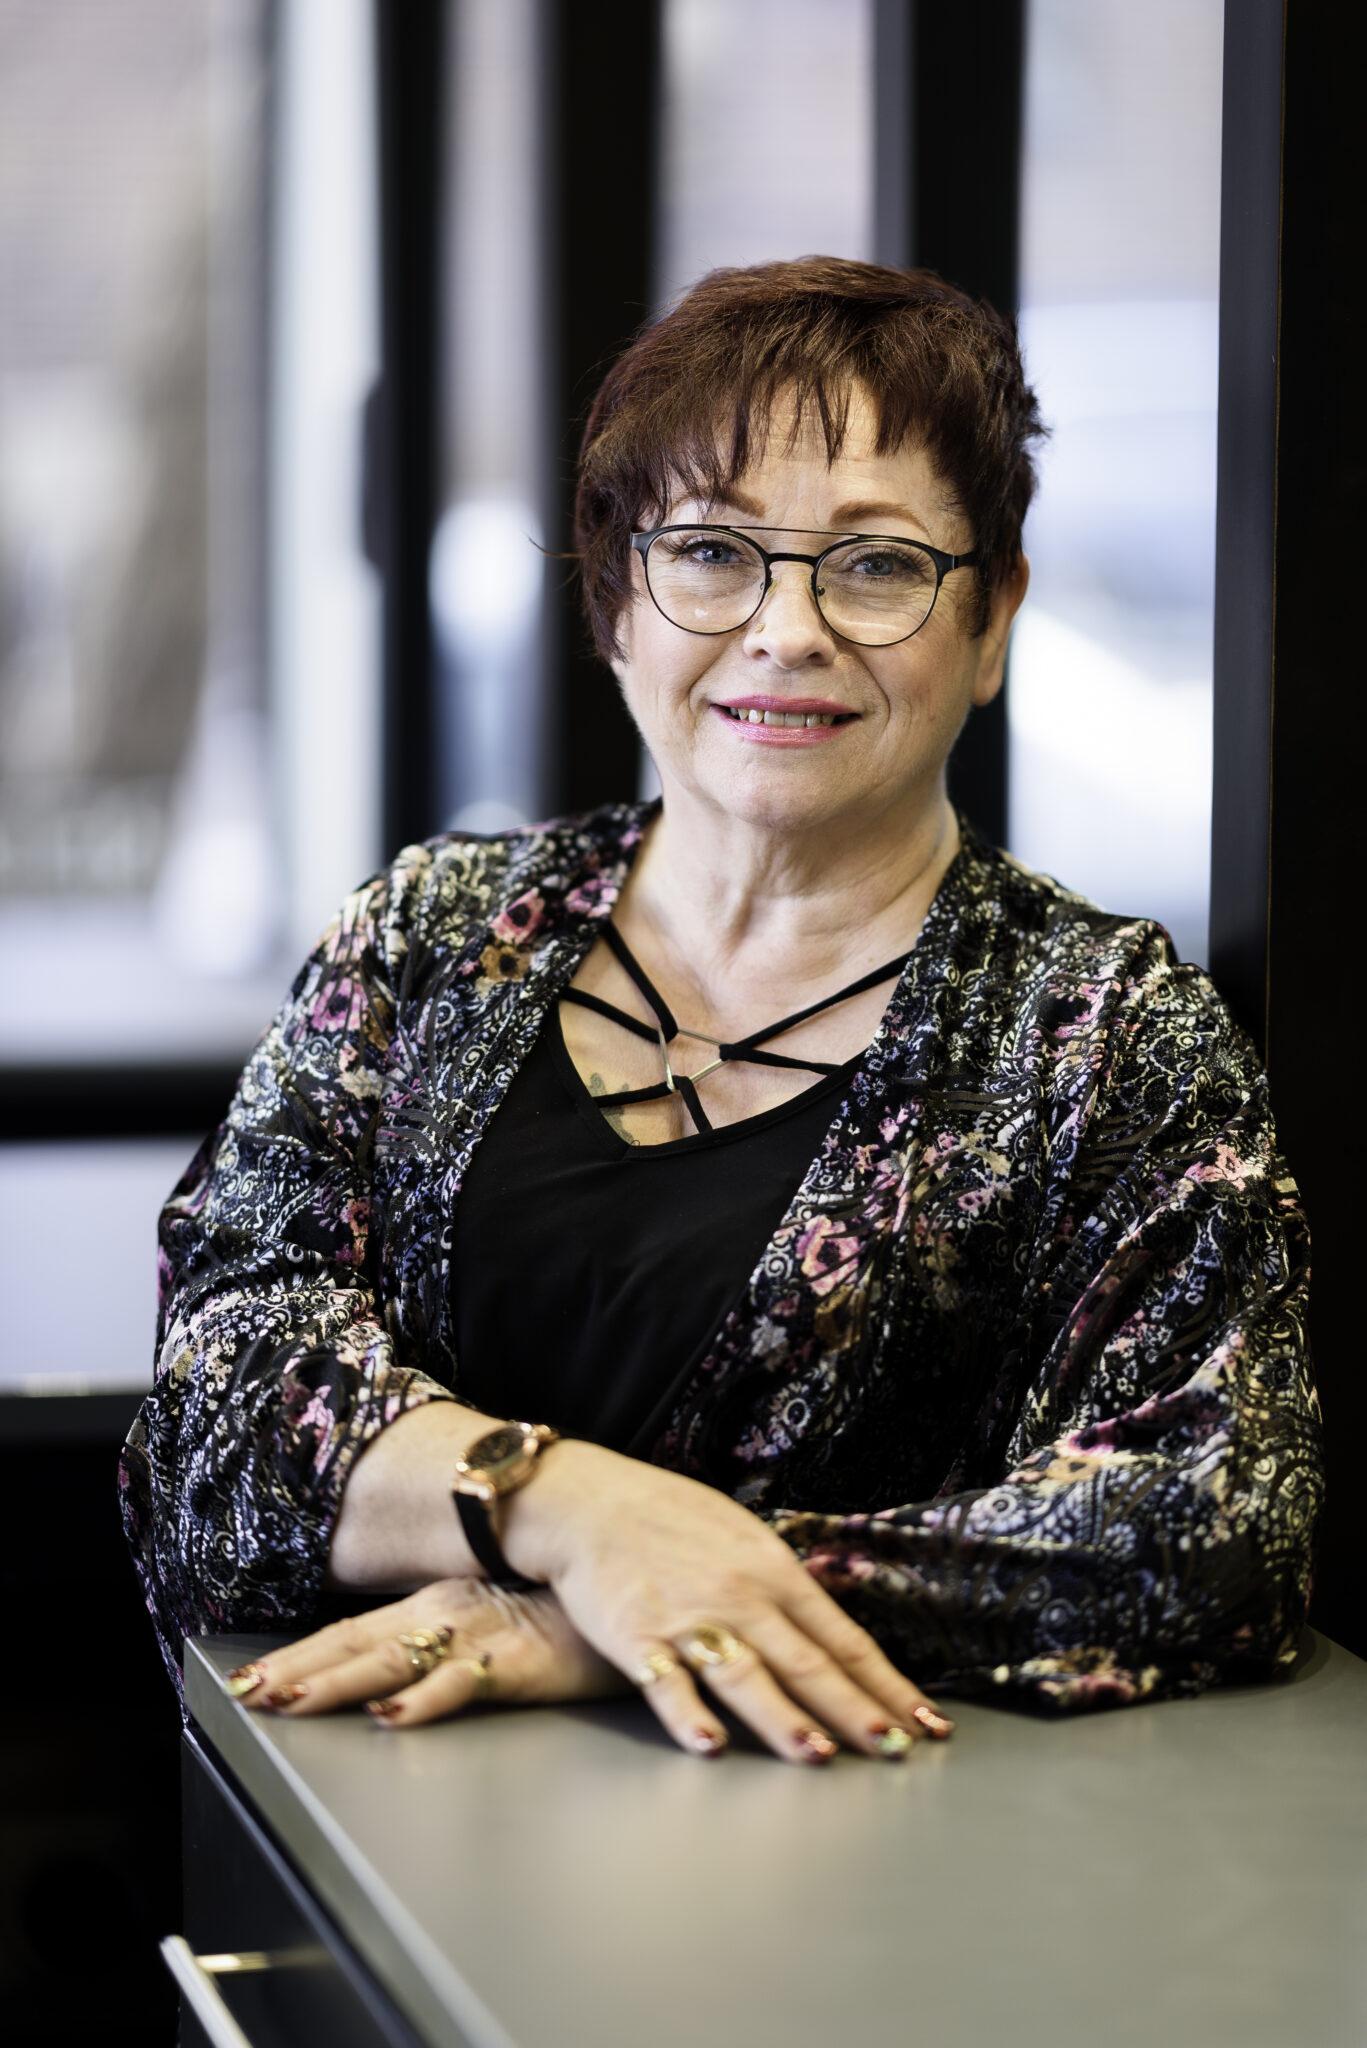 Jeannie Cummings